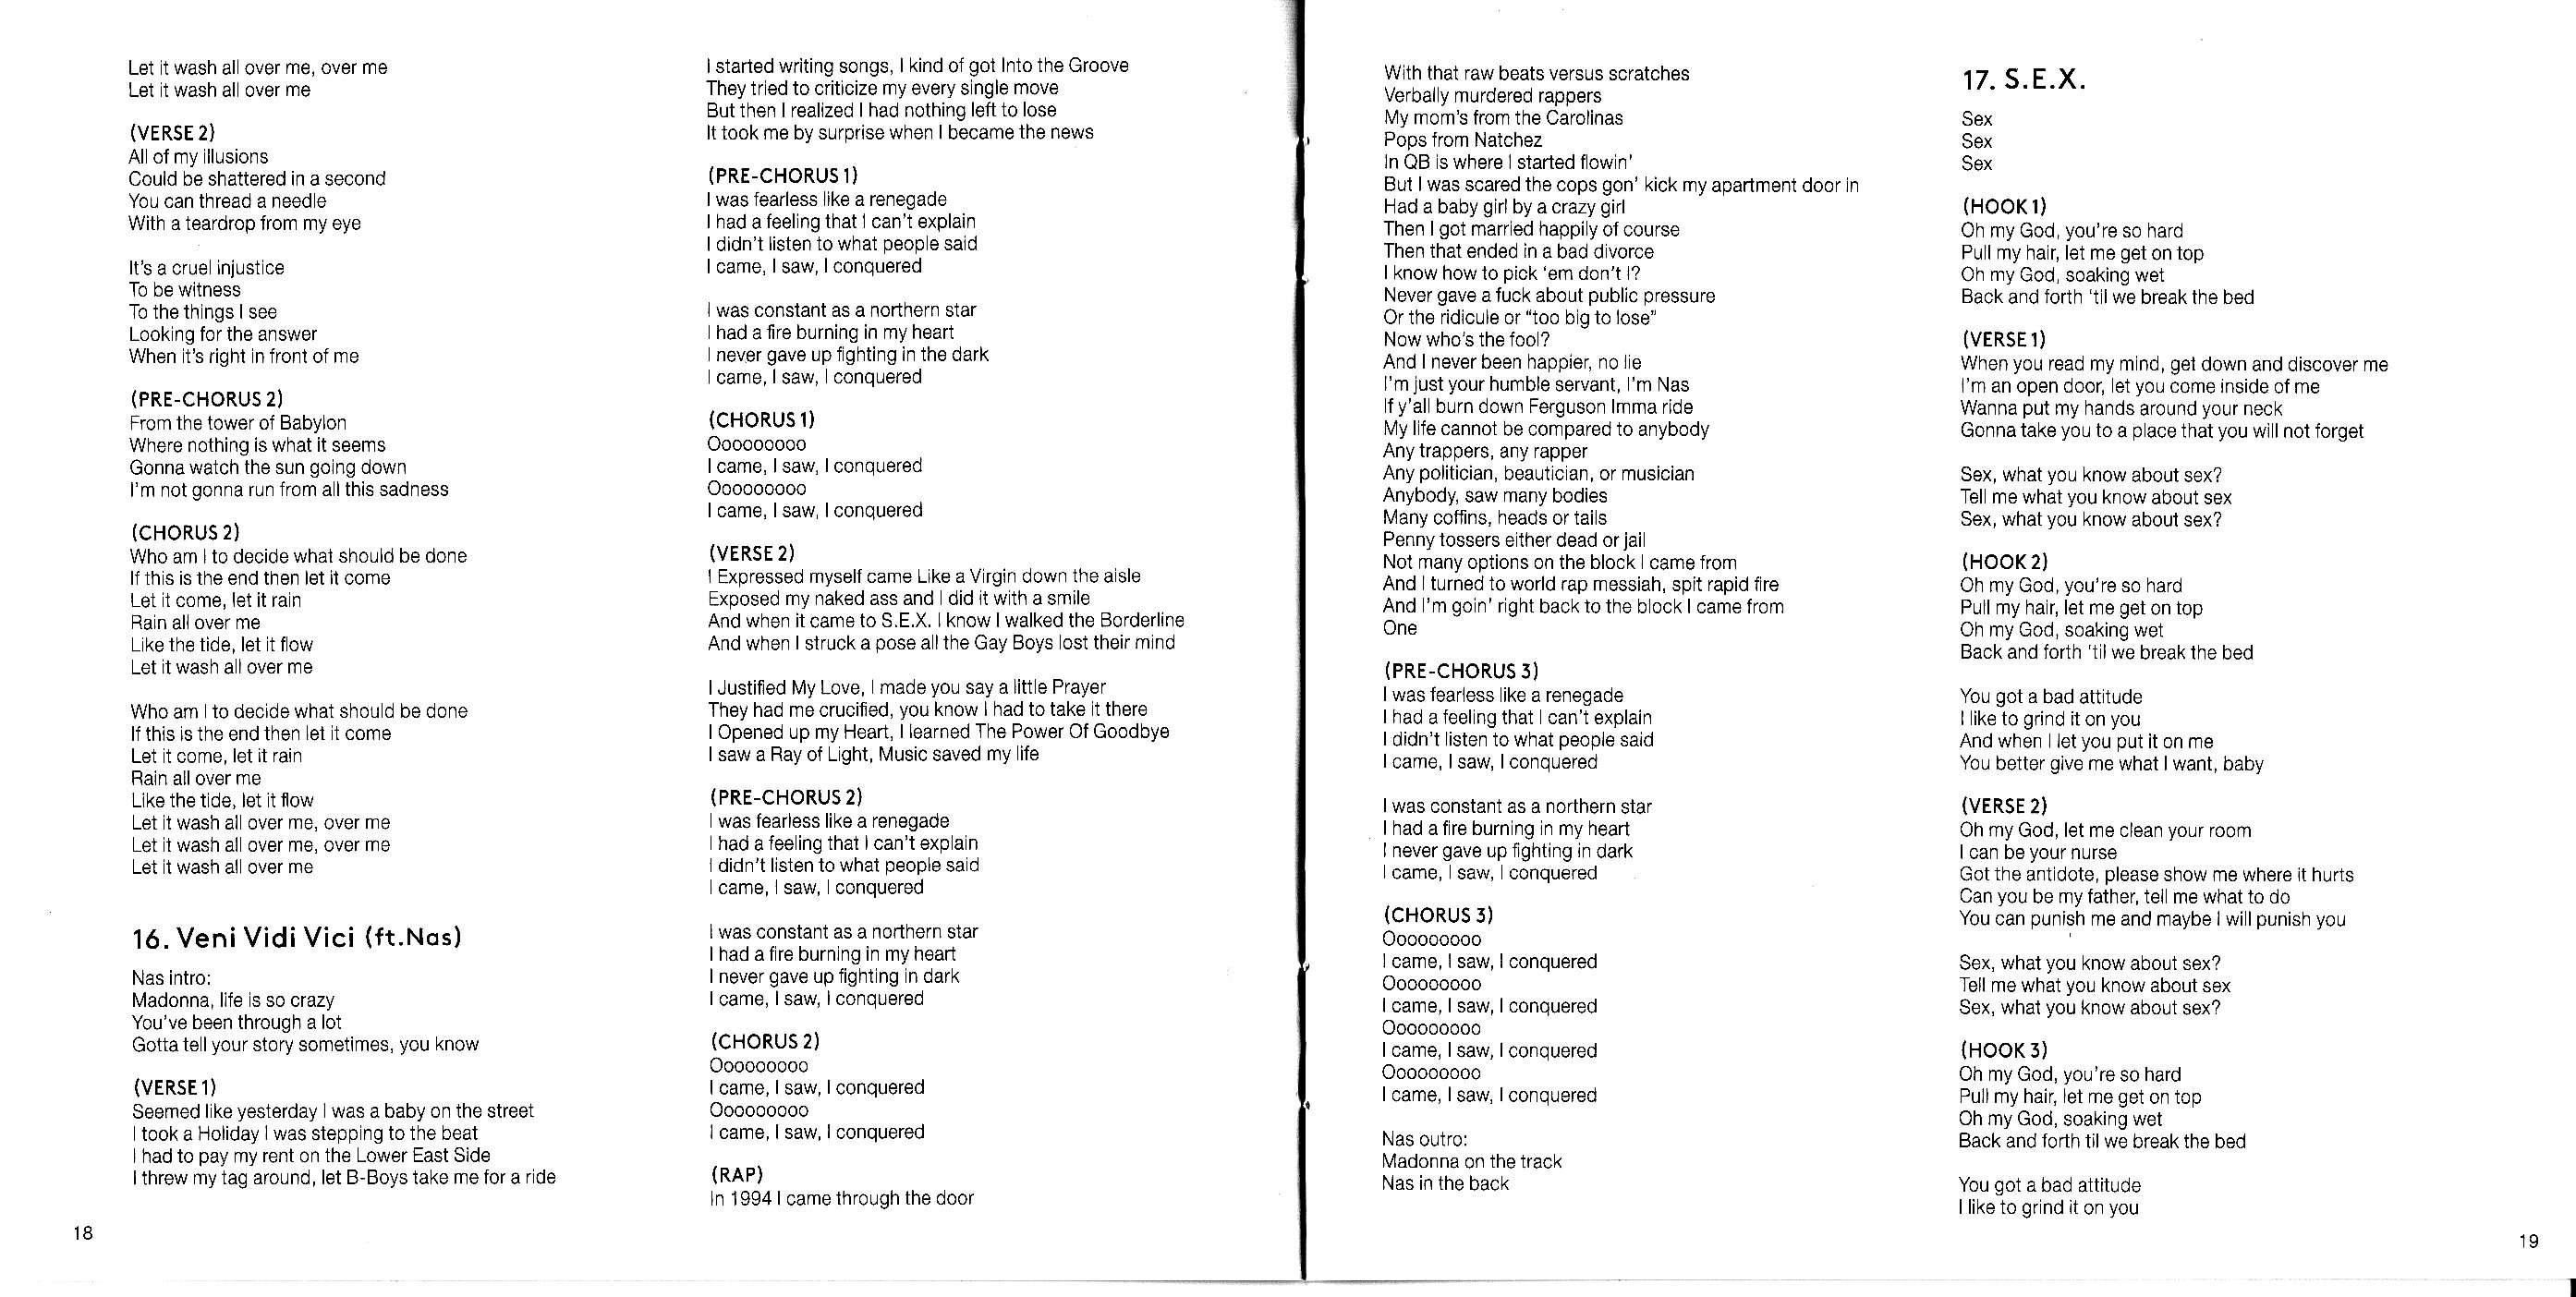 Madonna Rebel Heart Japanese Version - Scans (20)